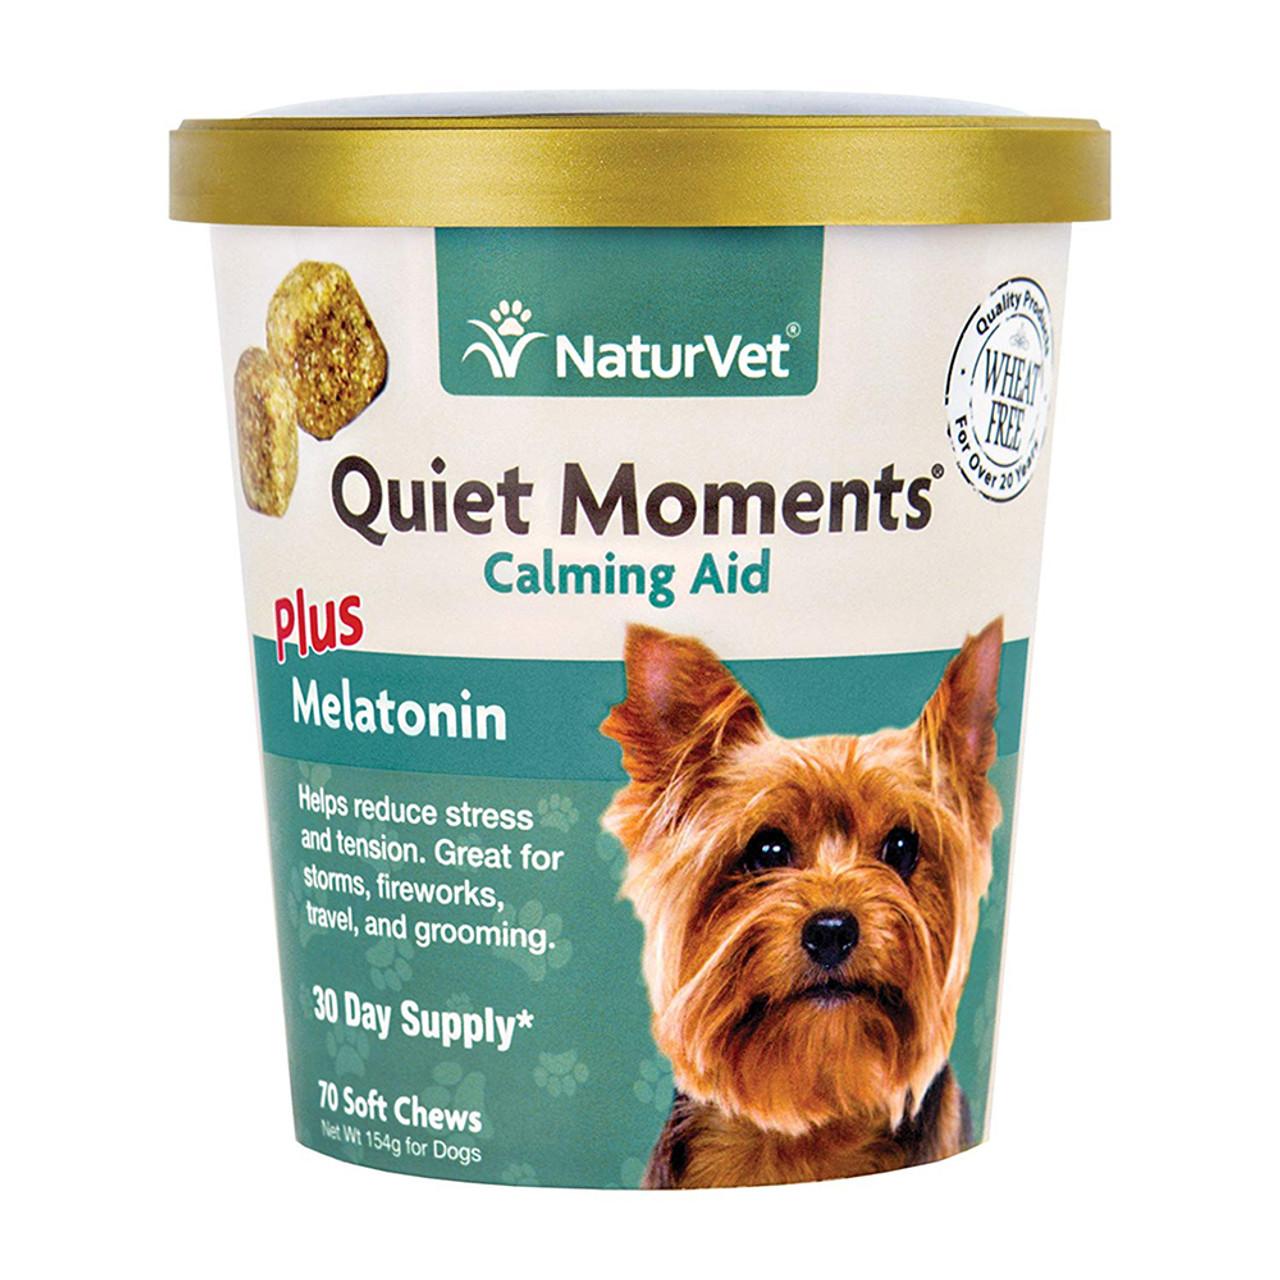 NaturVet Quiet Moments Calming Aid Soft Dog Chews